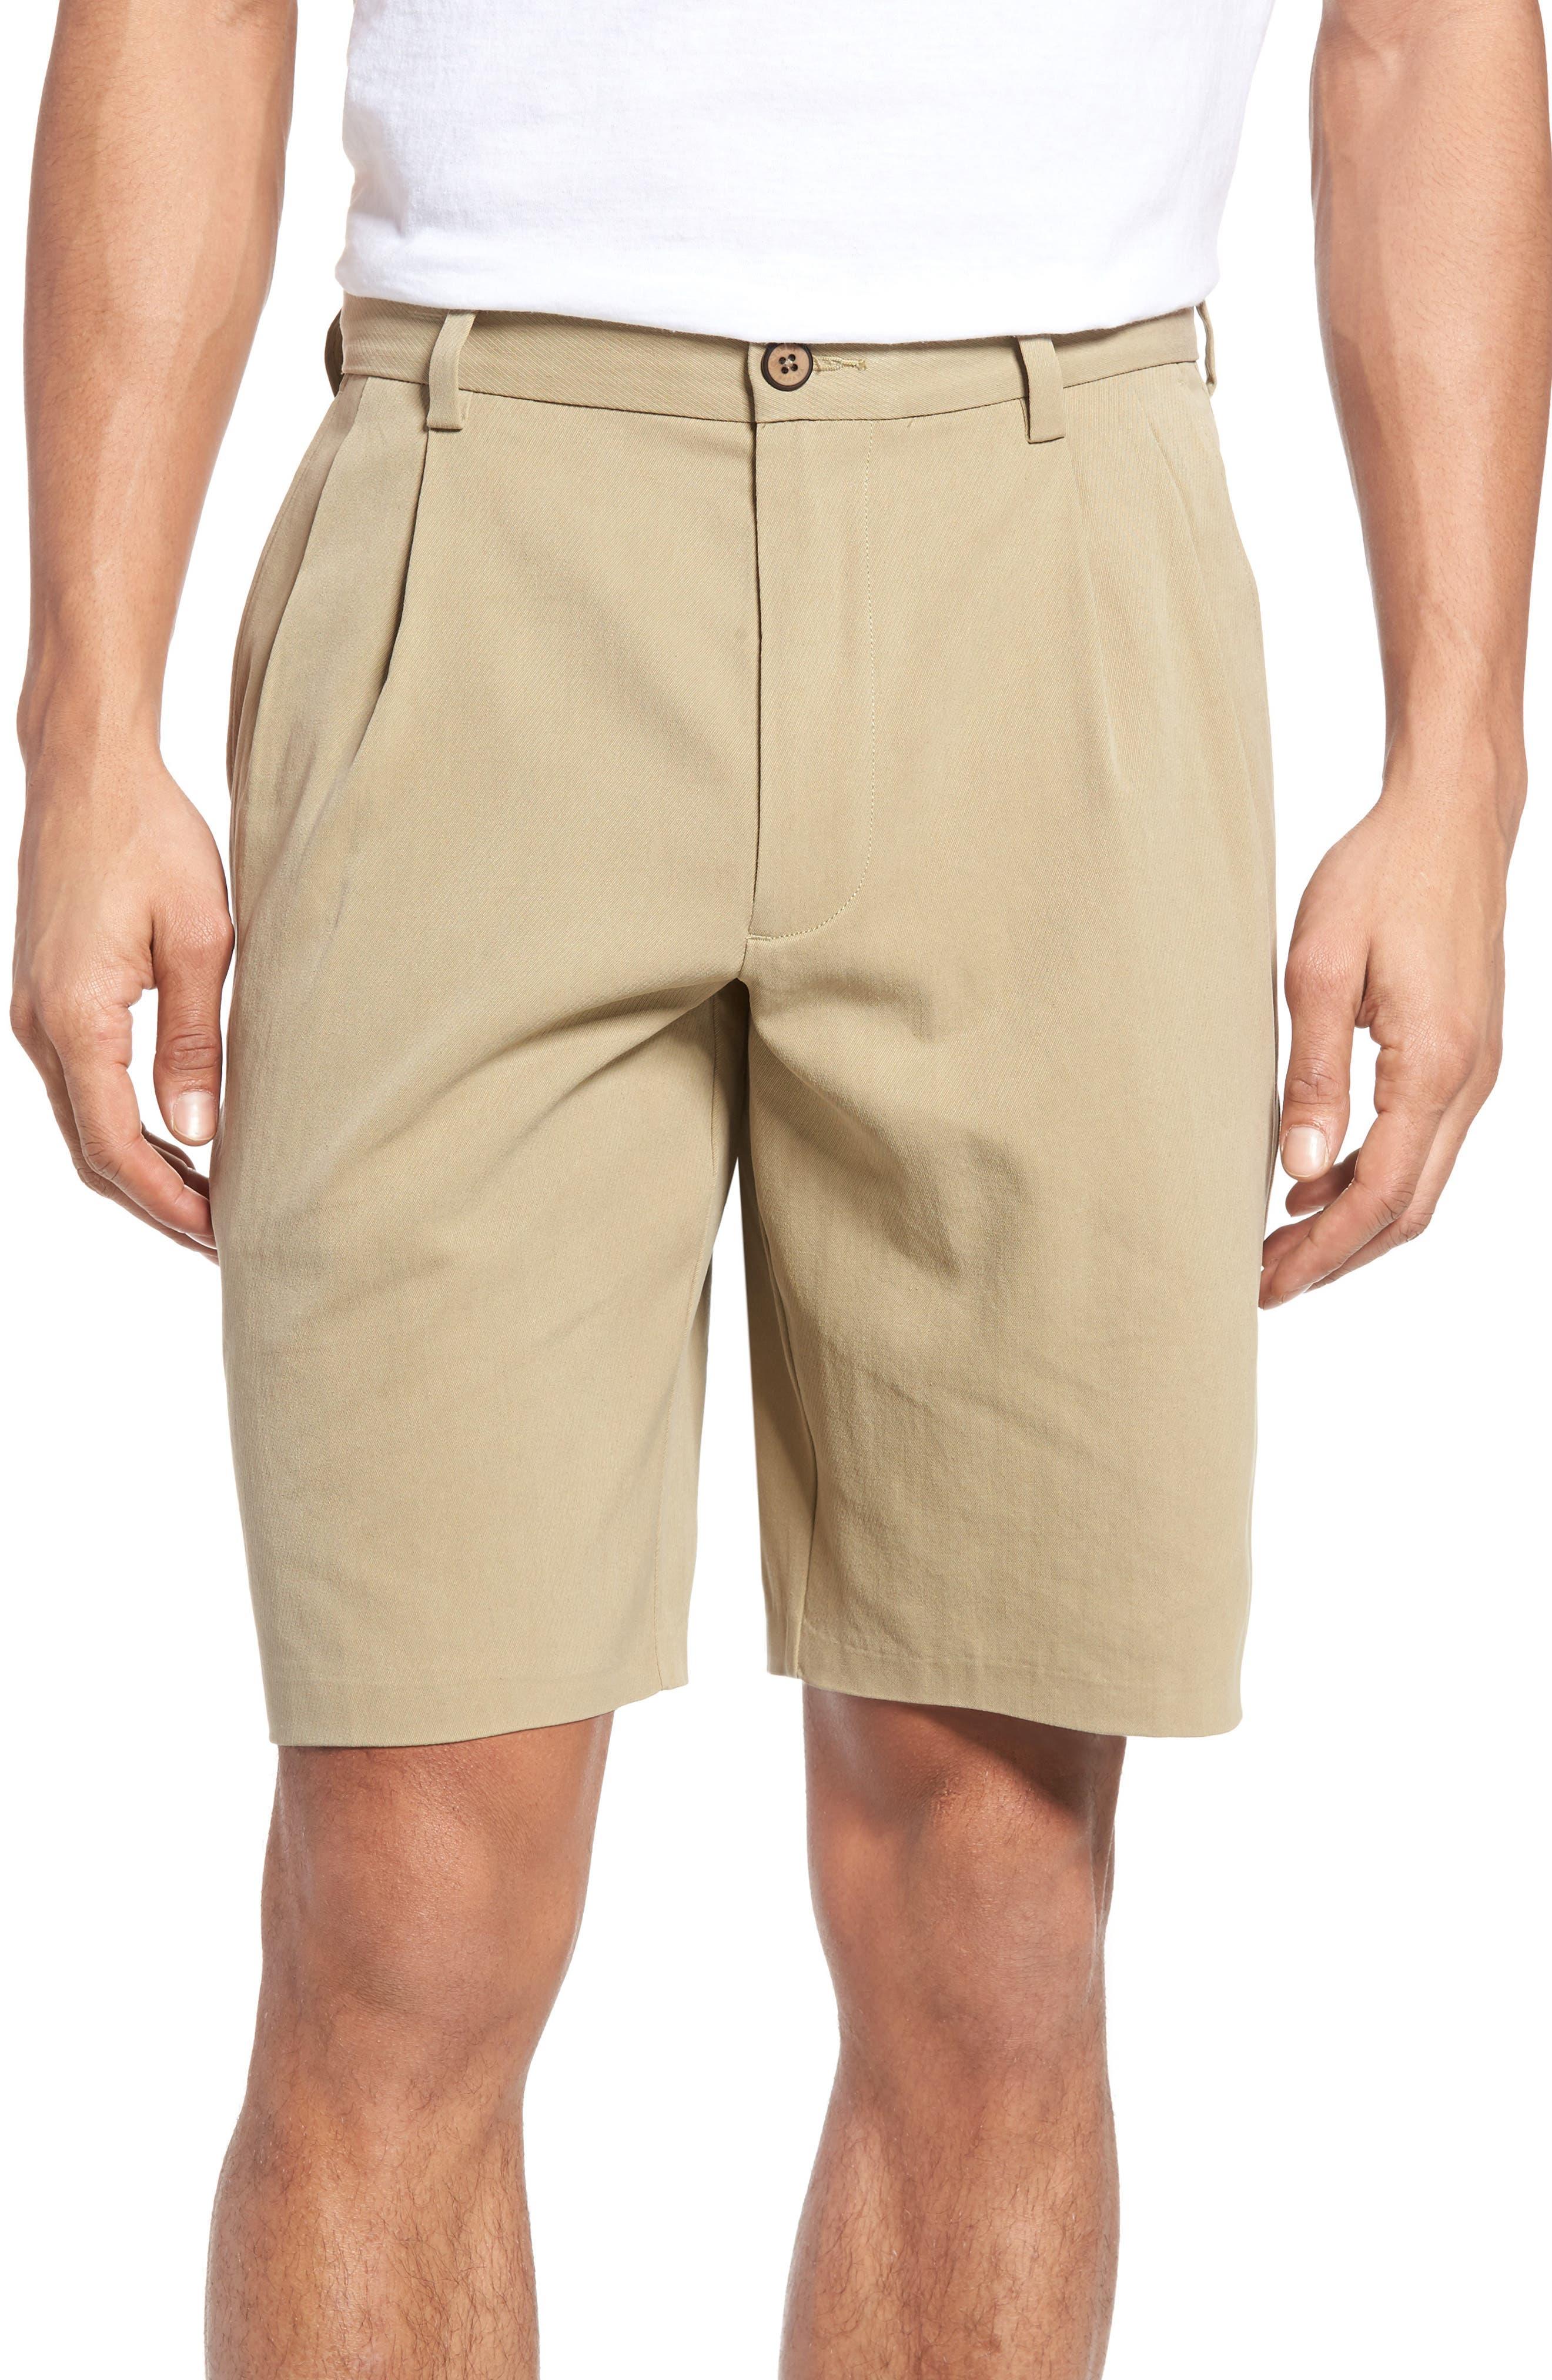 Tommy Bahama 'St. Thomas' Pleated Shorts (Big & Tall)